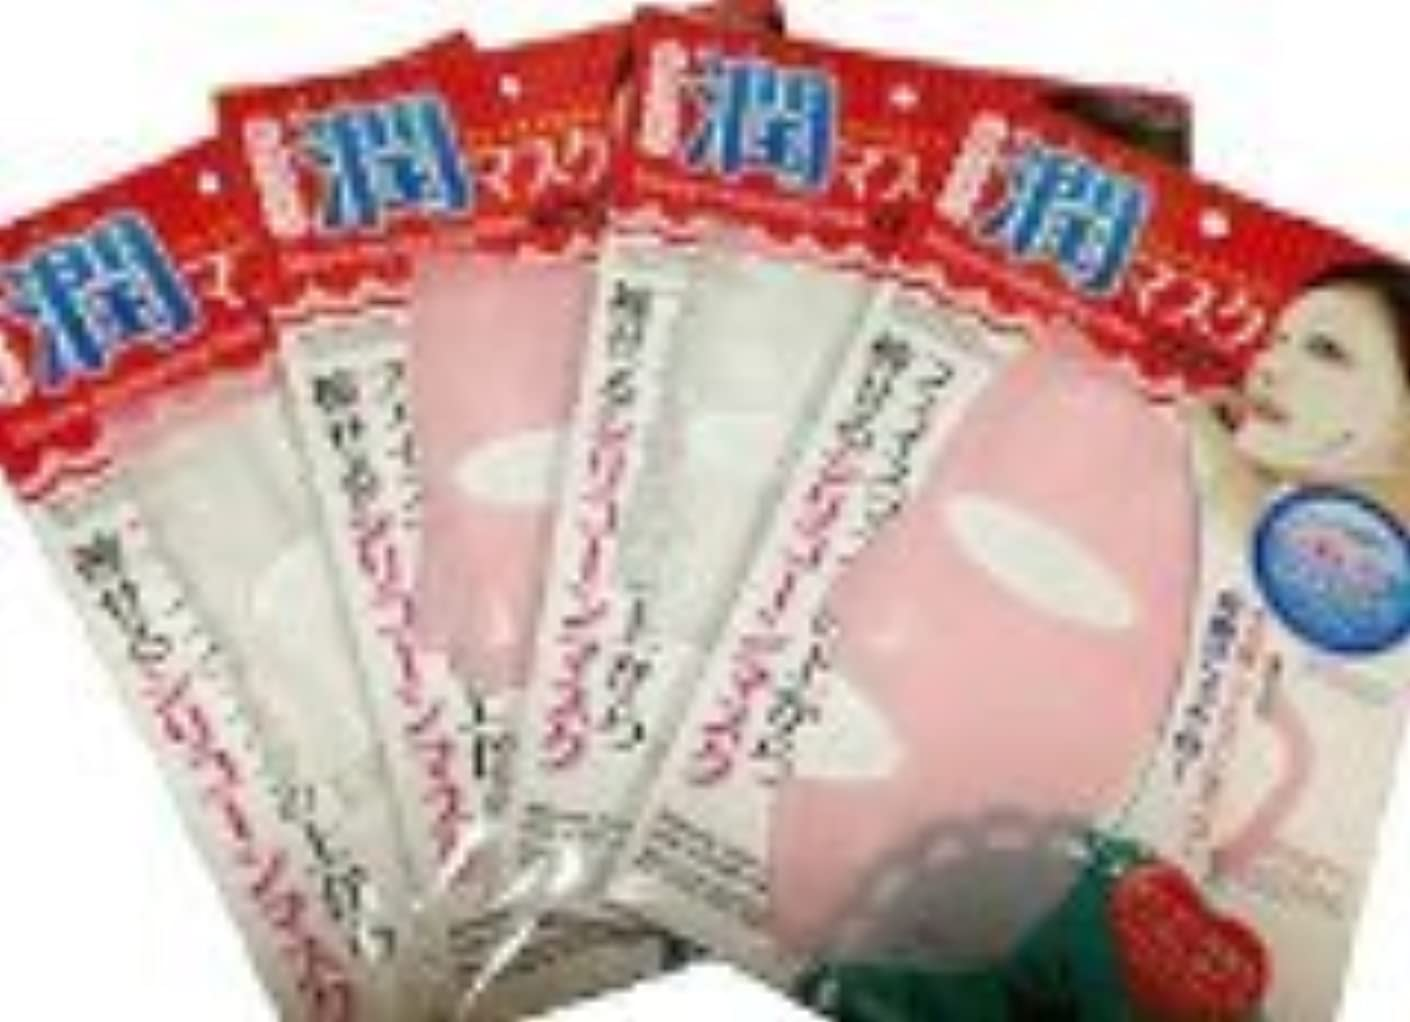 輝く腹痛補償ダイソー シリコン 潤マスク フェイスマスク 4枚セット